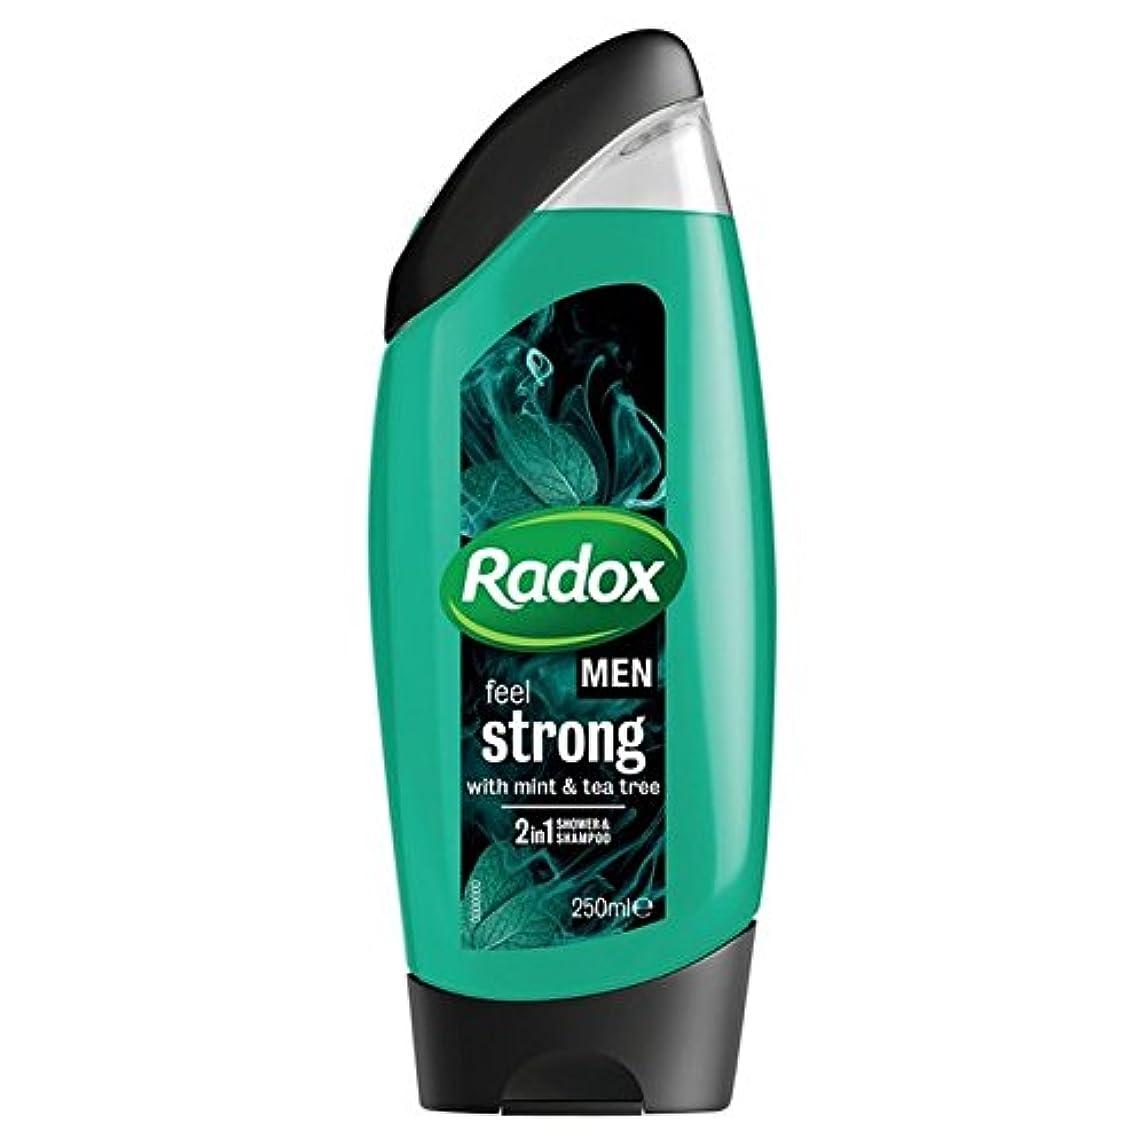 航空便爪拡大する男性は、強力なミント&ティーツリーの21のシャワージェル250ミリリットルを感じます x4 - Radox Men Feel Strong Mint & Tea Tree 2in1 Shower Gel 250ml (Pack...